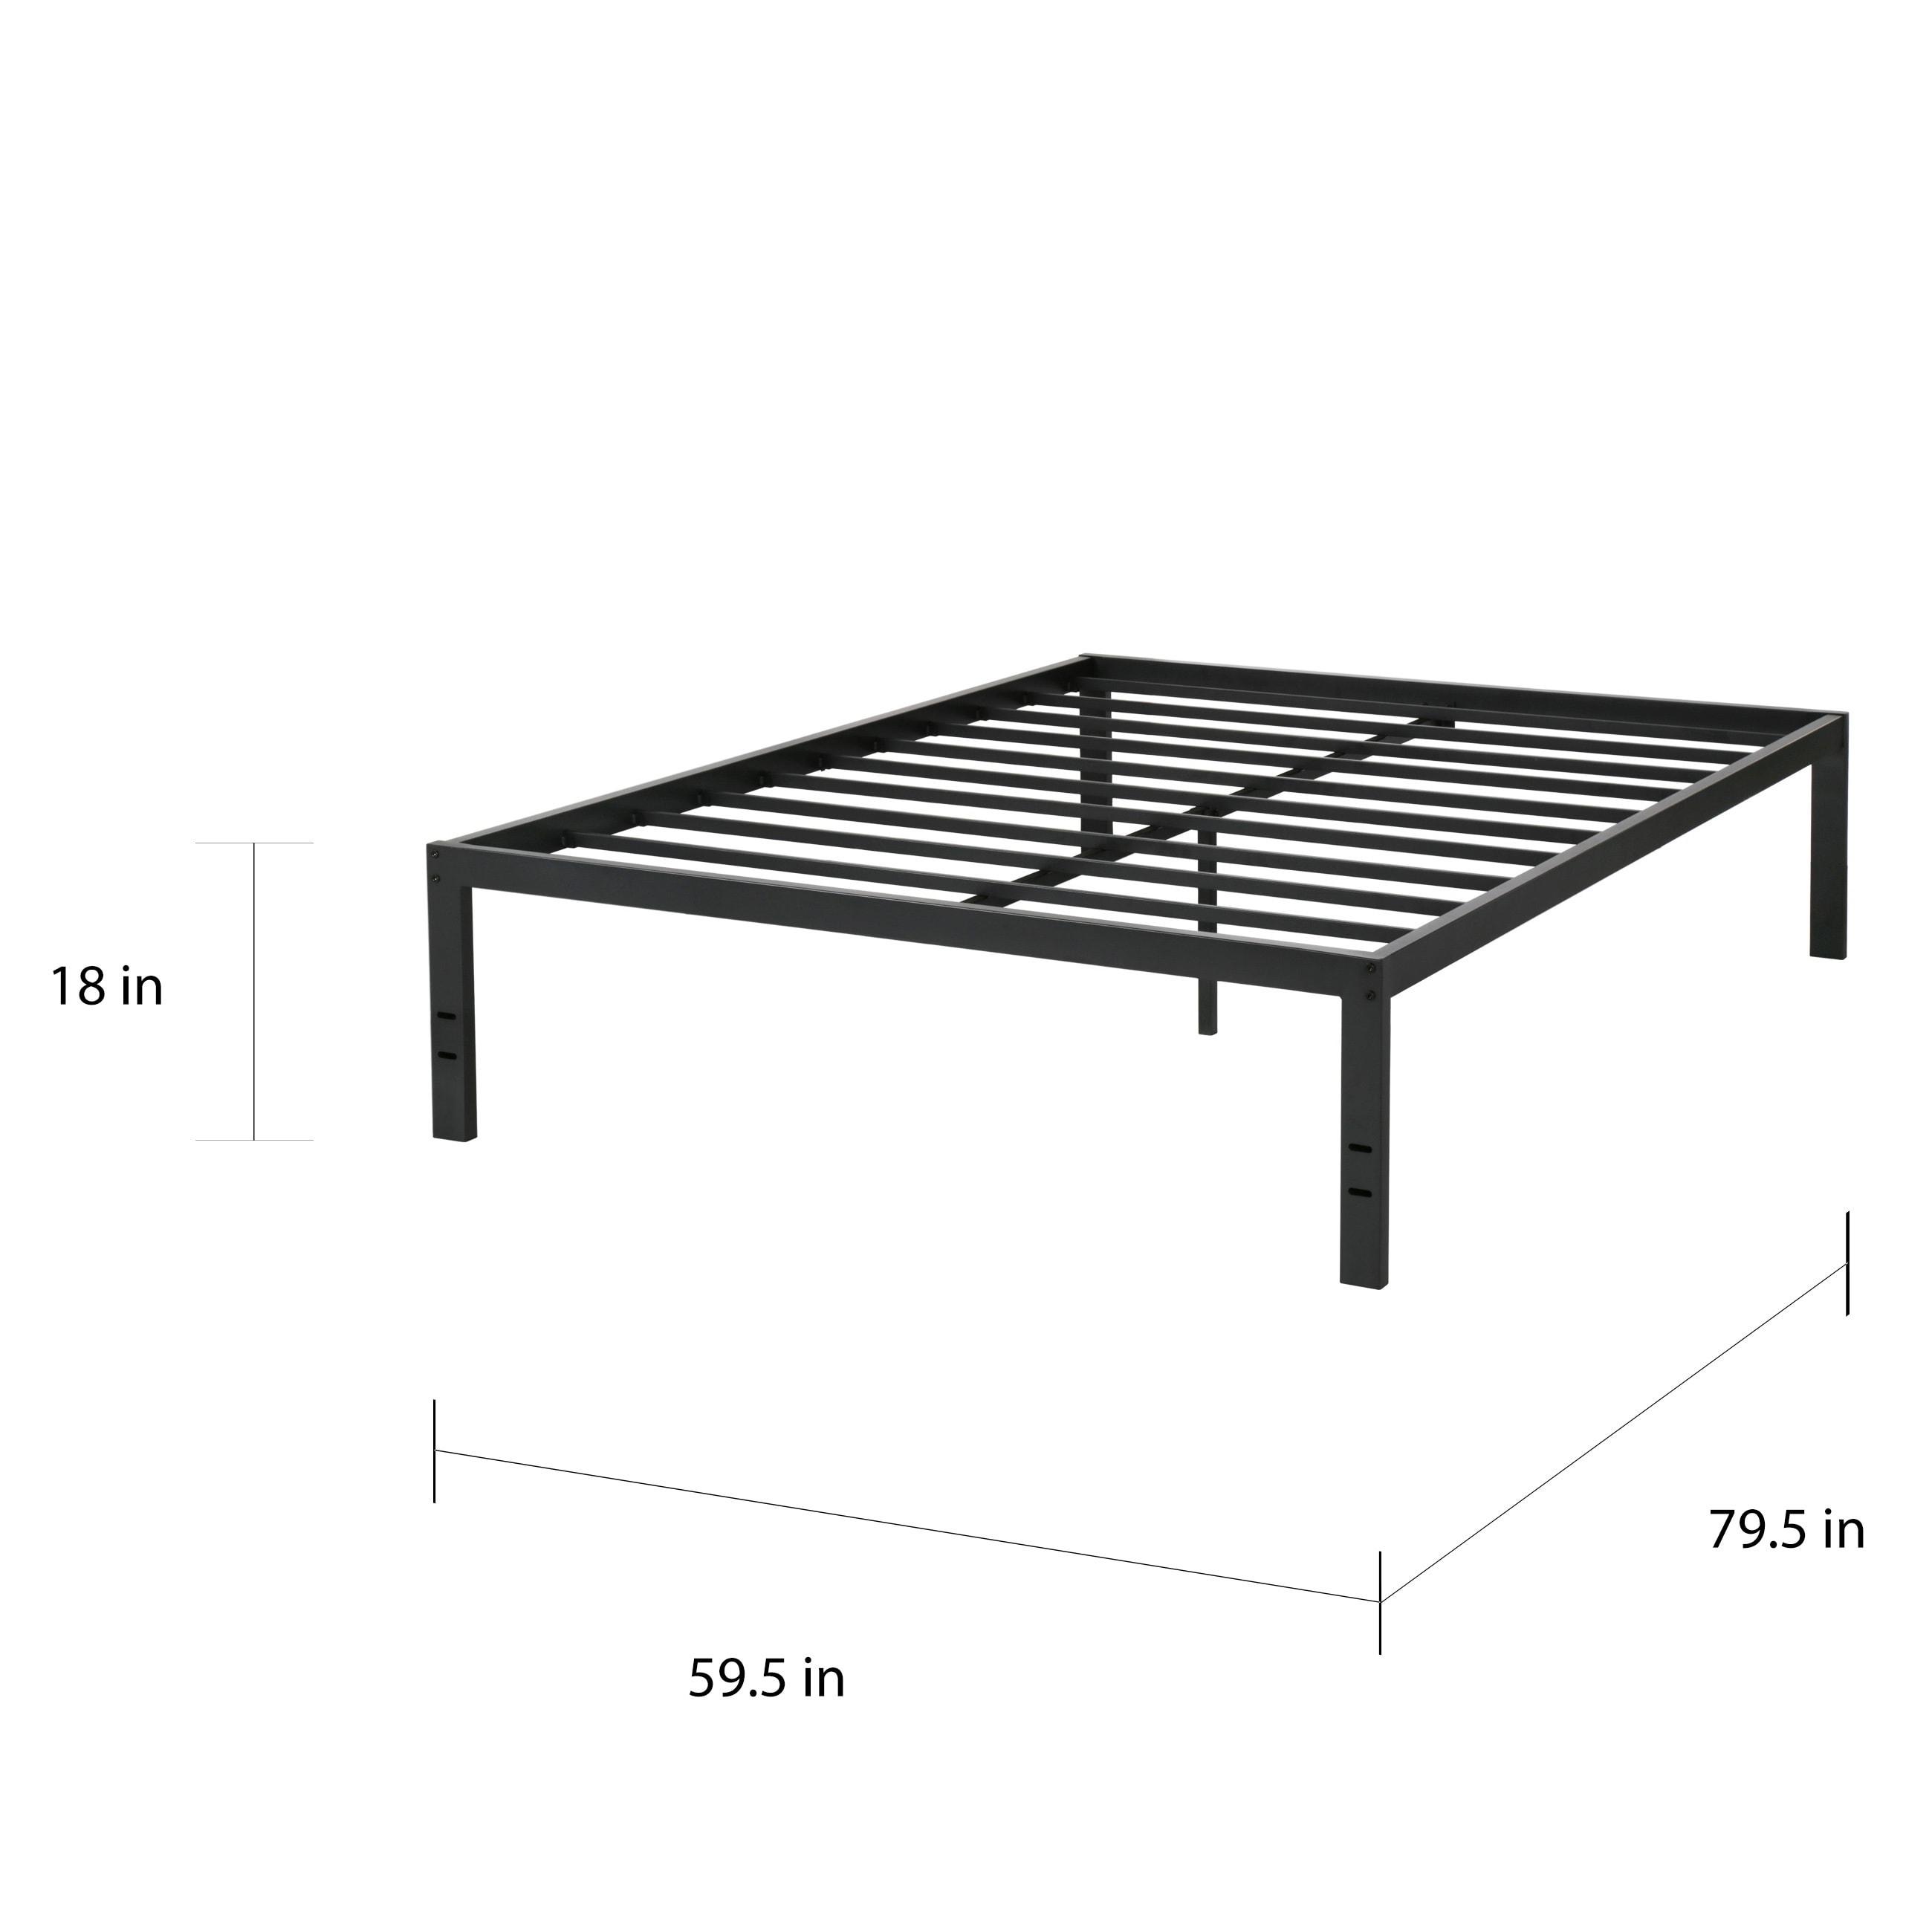 Shop Sleeplanner 18-inch Queen-Size Dura Metal Bed Frame OVS-3500 ...